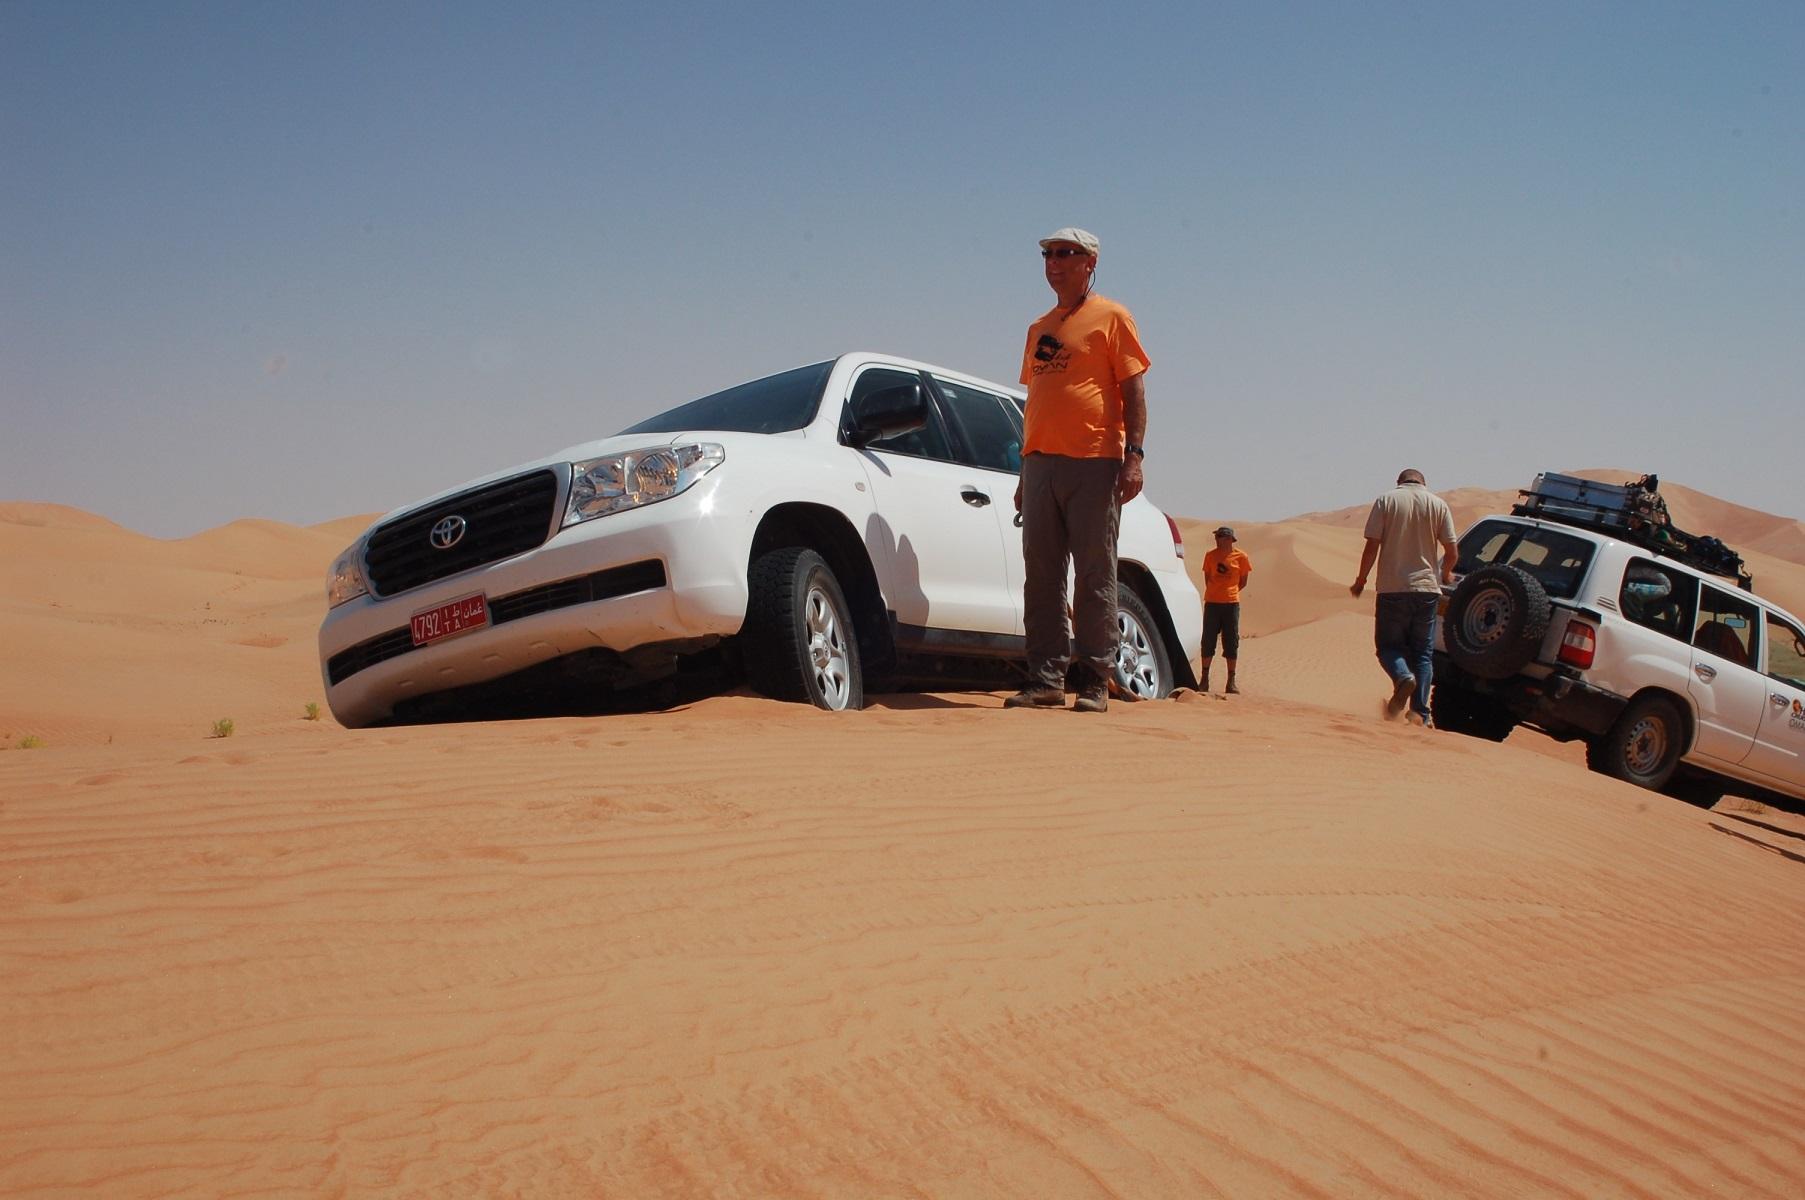 Oman - Die anderen Teilnehmer sind auch auf Geschmack gekommen, was das Fahren und das Schaufeln betrifft.